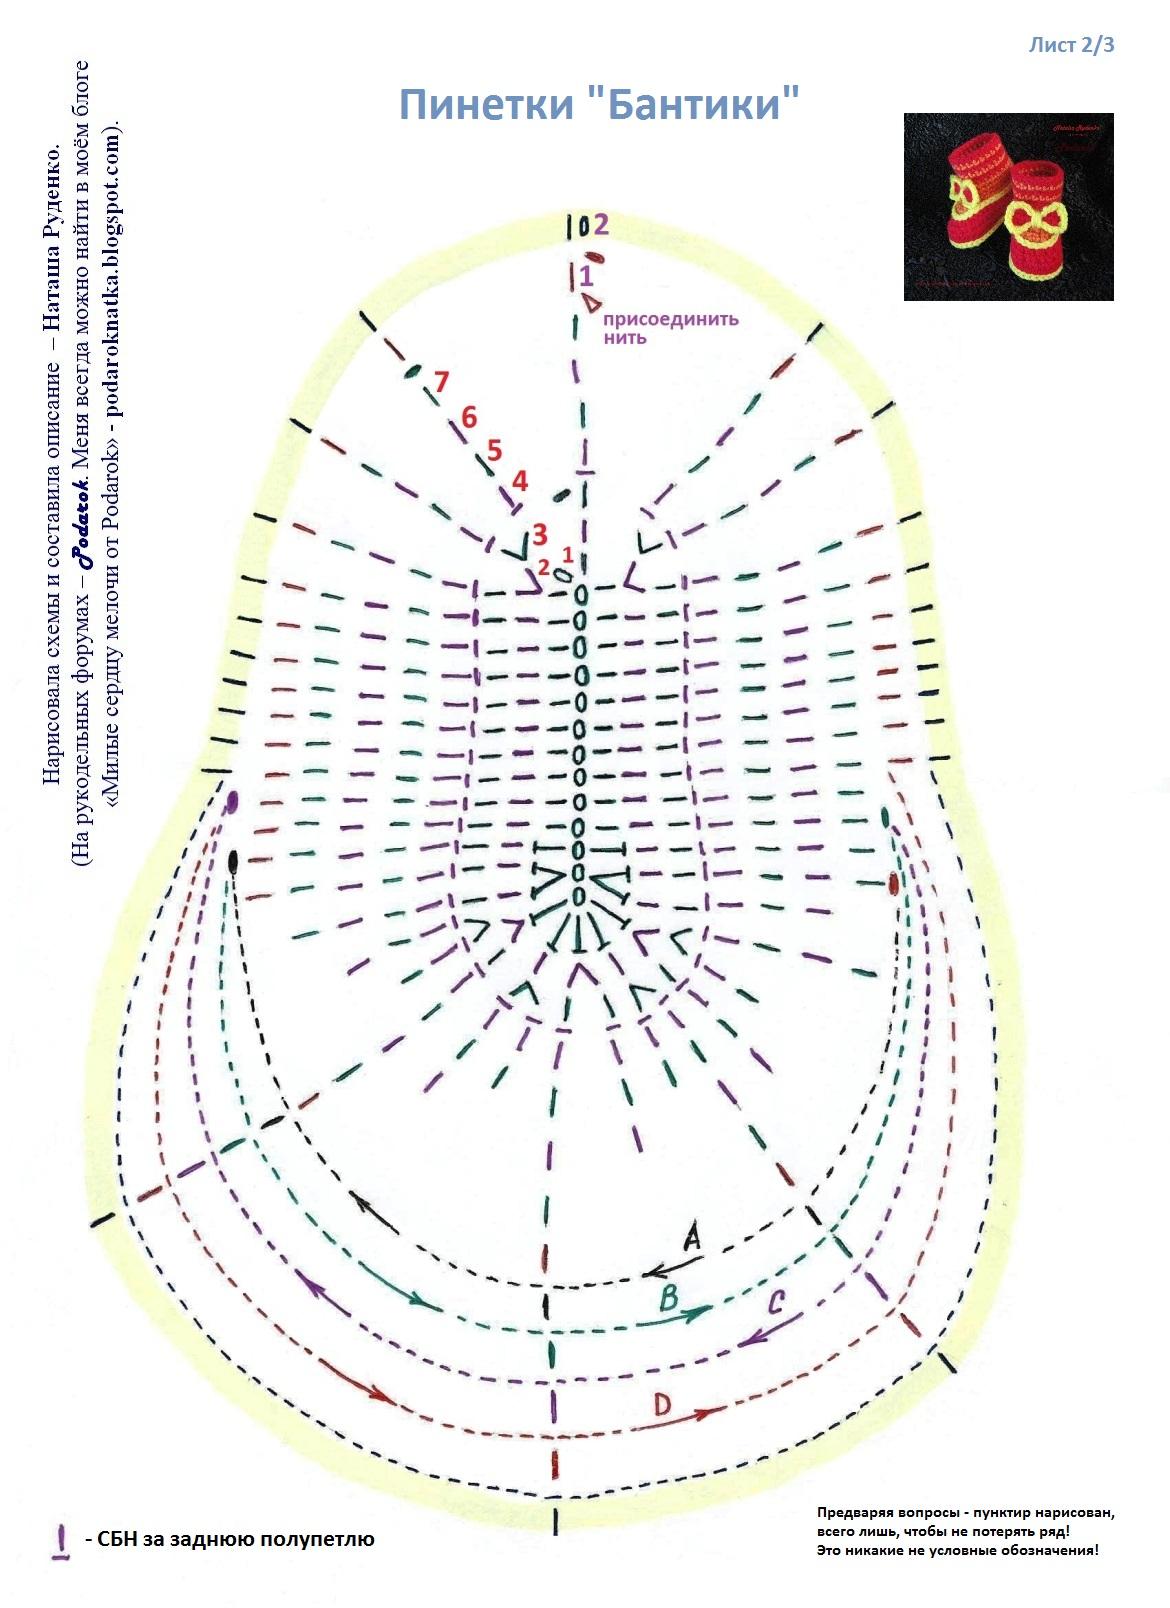 Пинетки крючком - как рассчитать подошву схемы 70